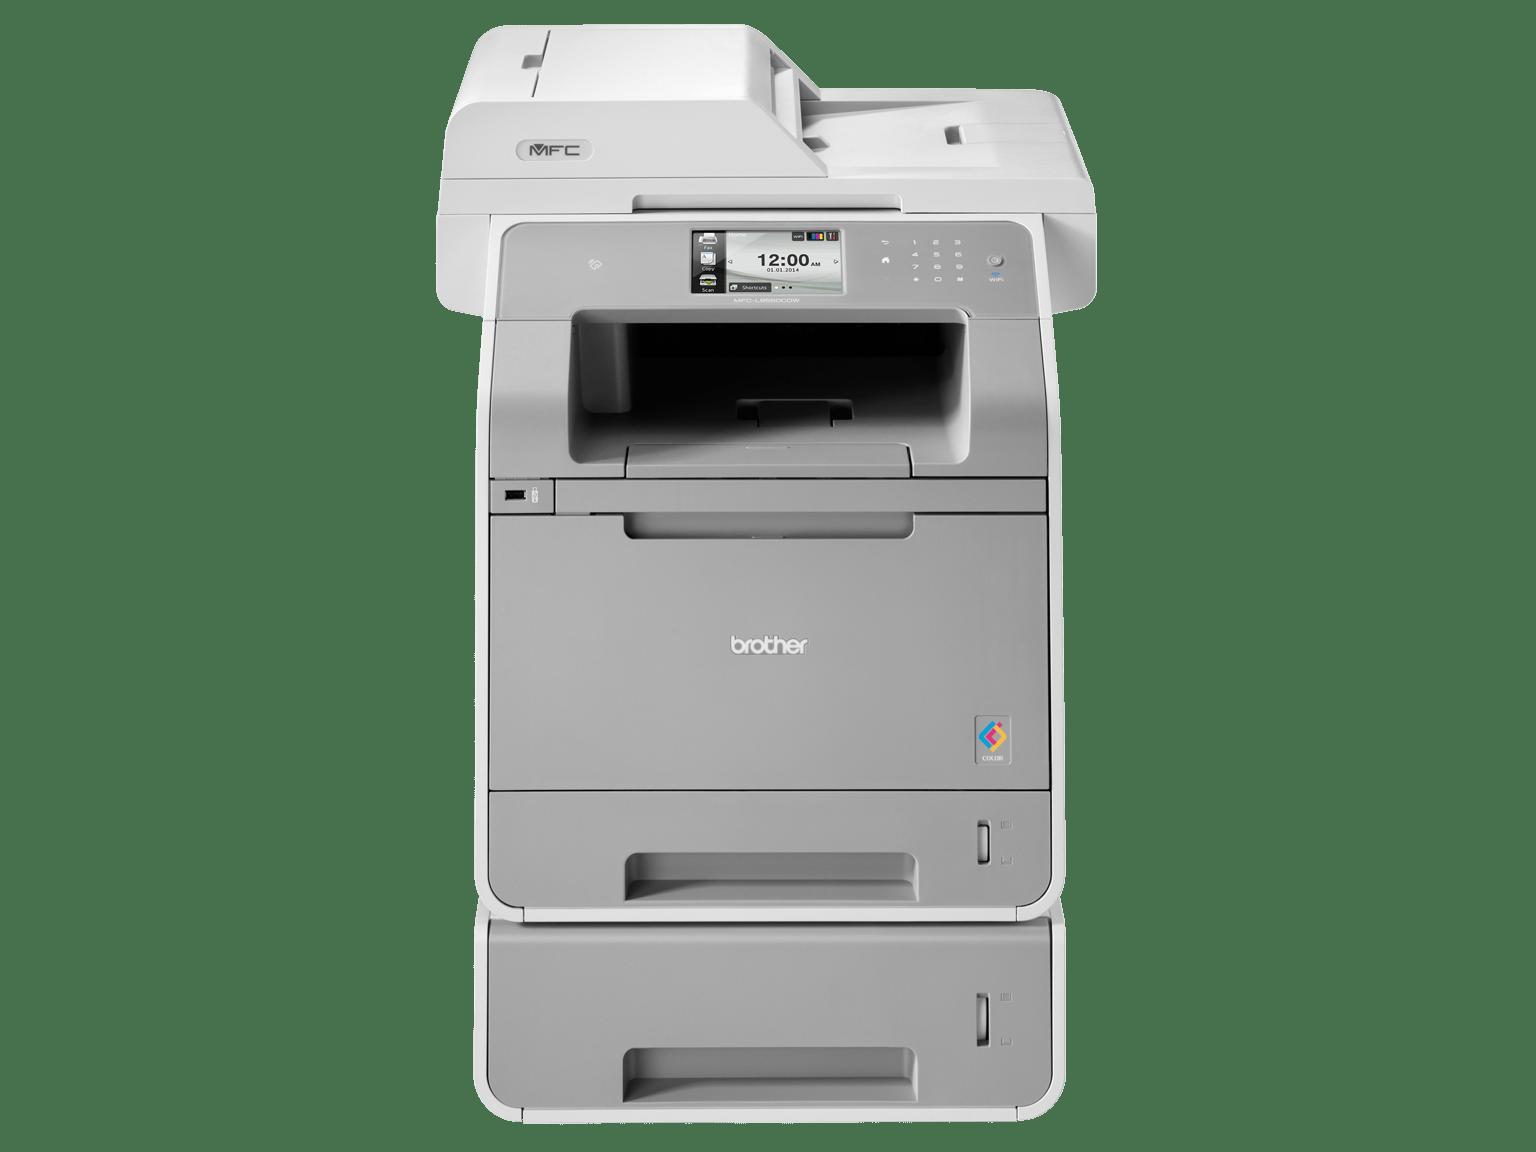 Imprimantes : Imprimantes et multifonctions de Brother